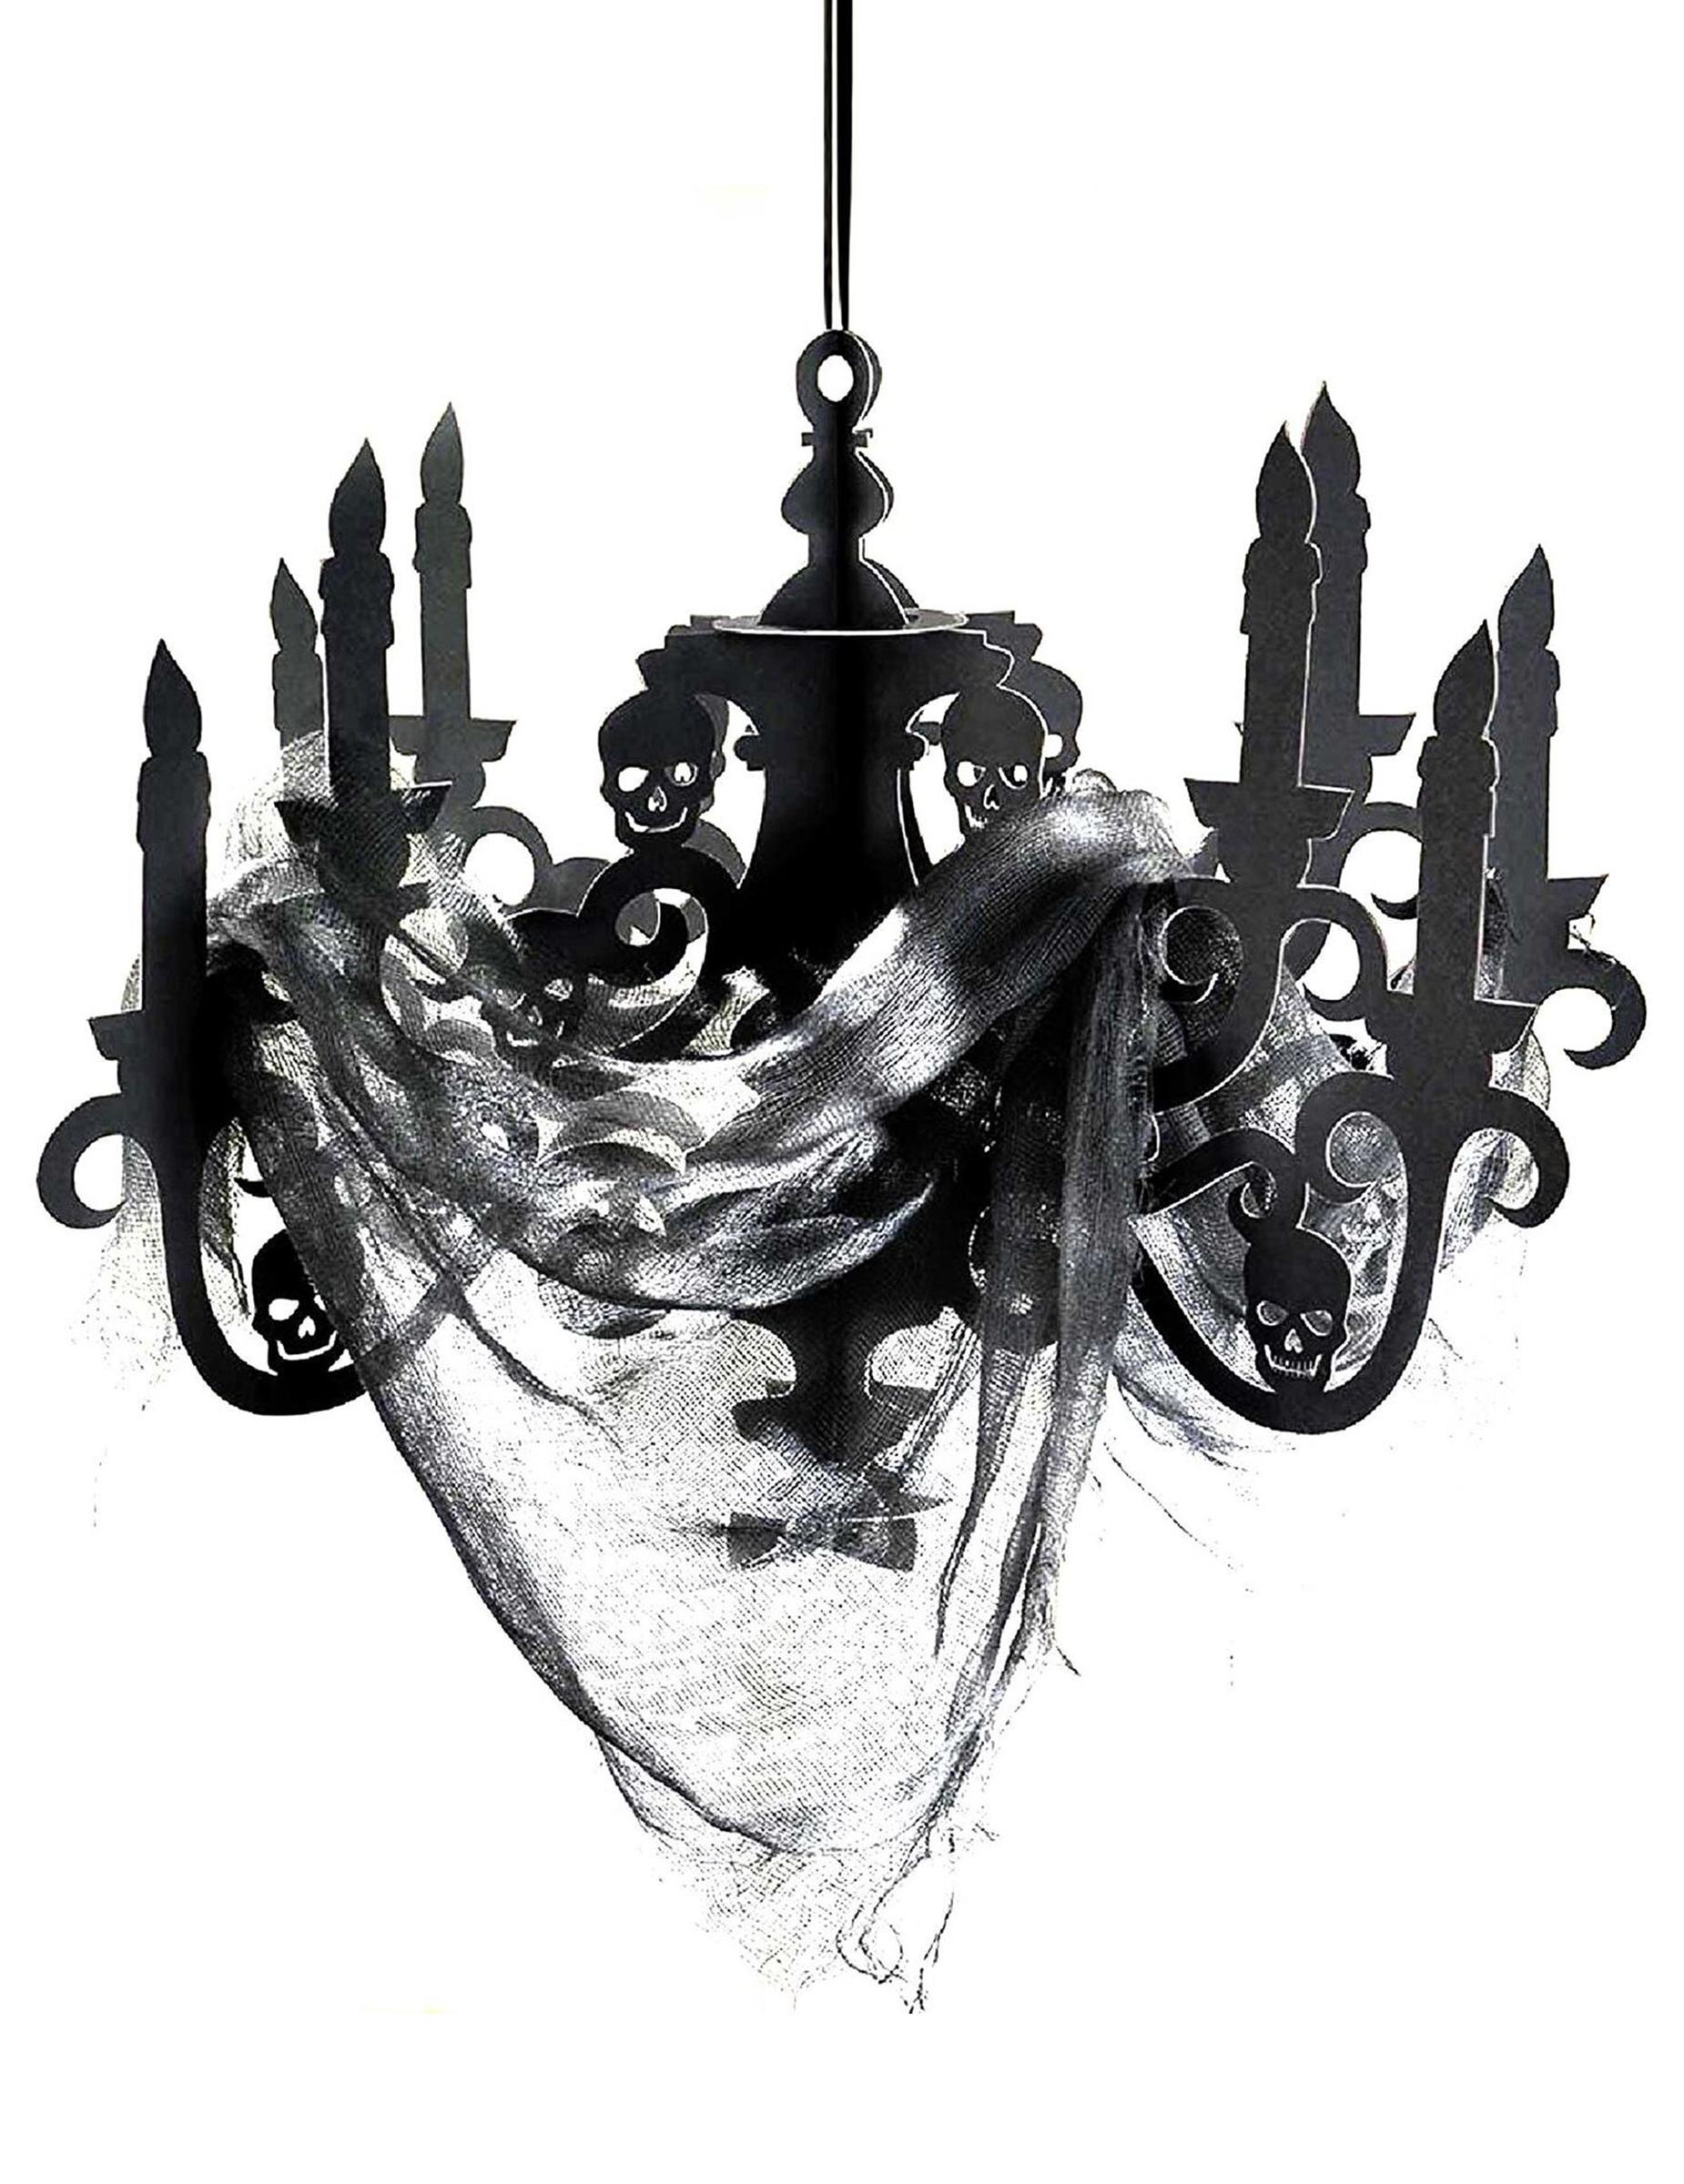 schauriger-kronleuchter-aus-pappe-raumdekoration-schwarz-41x58cm.jpg